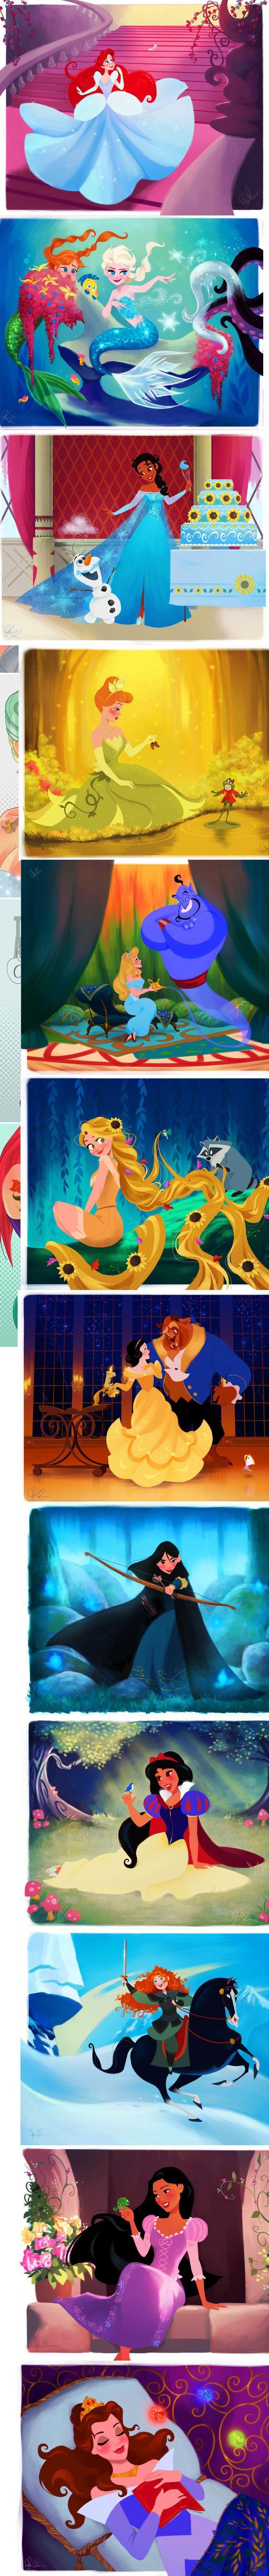 Cambio de princesas disney